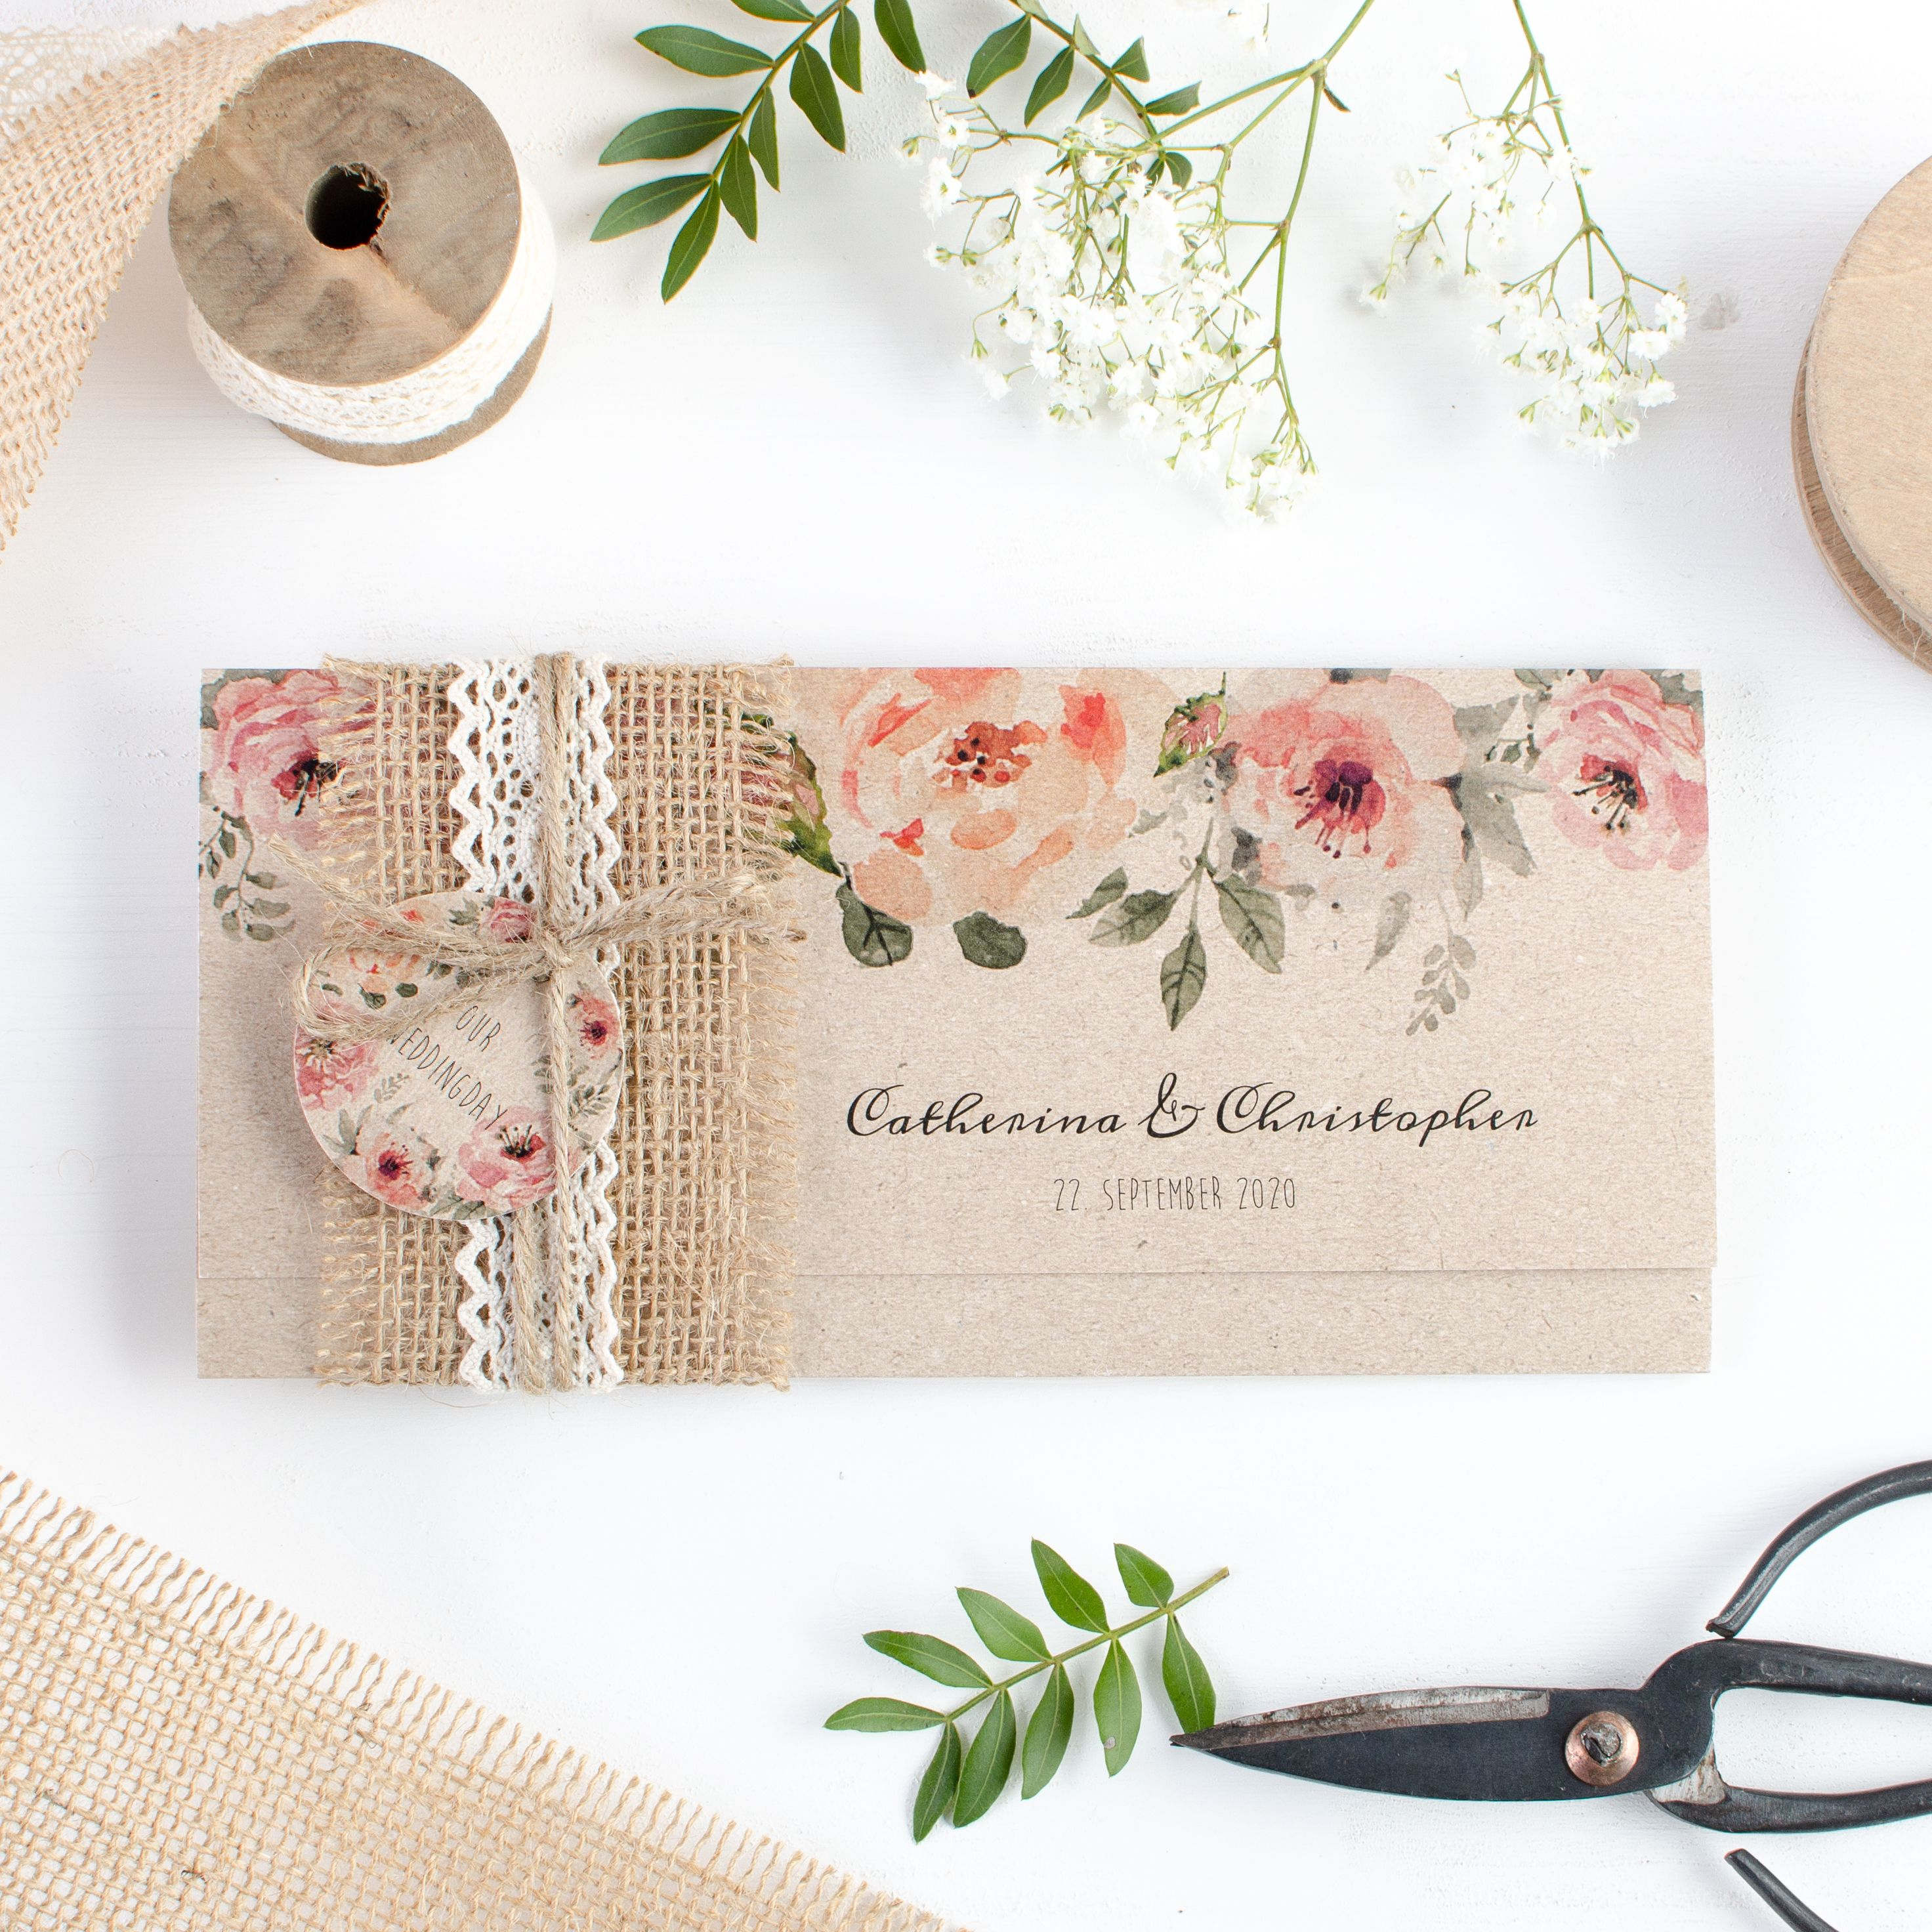 Photo of Invitación de boda de estilo vintage de papel kraft con flores